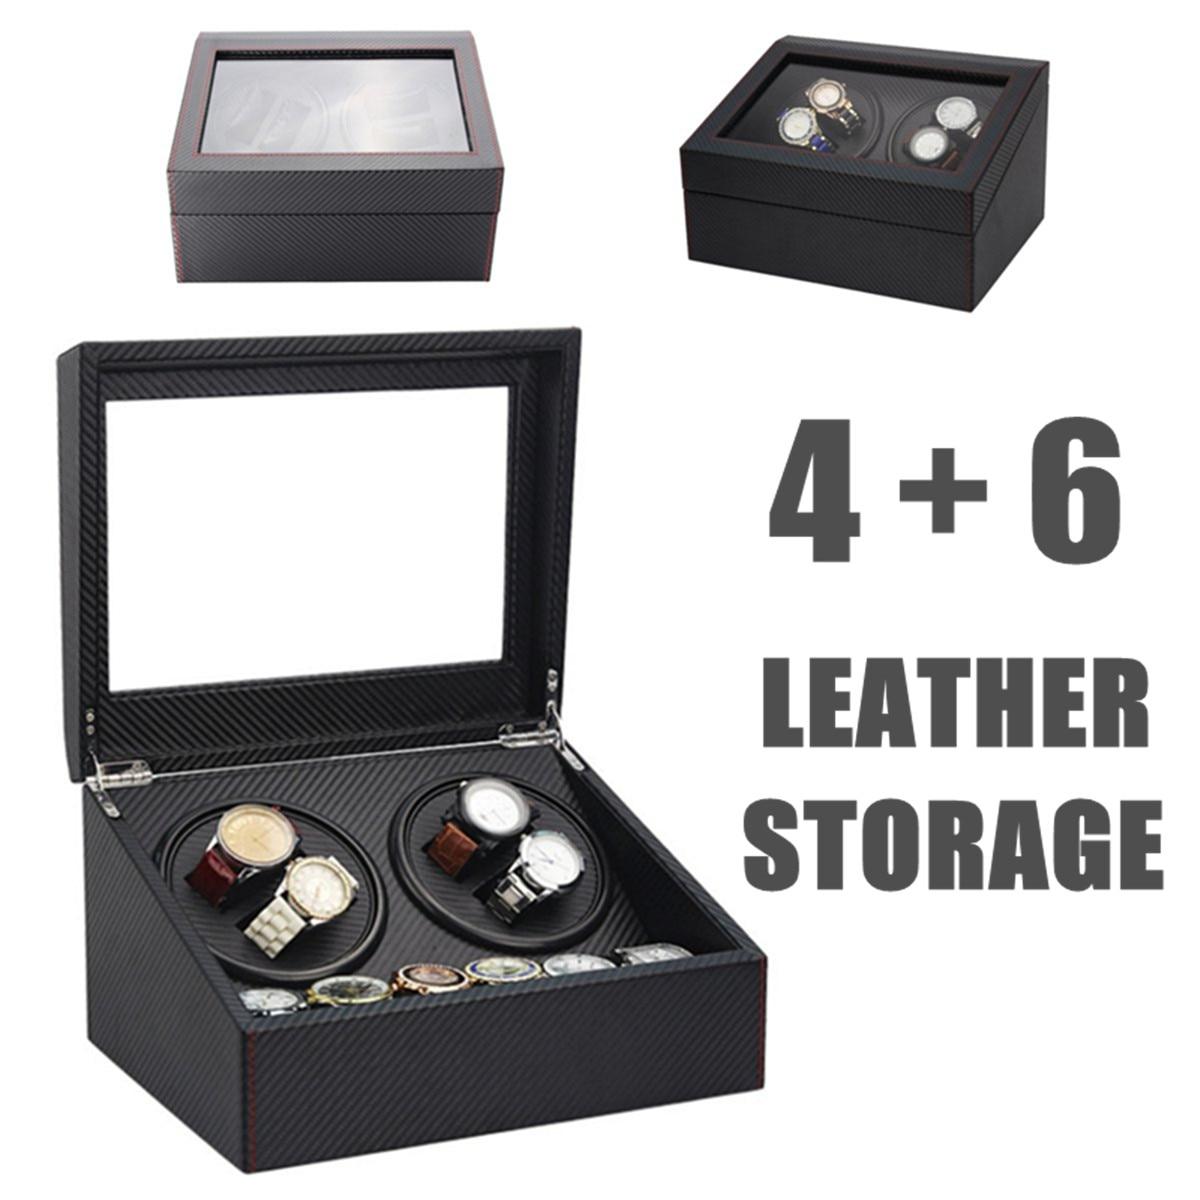 4 + 6 자동 시계 와인 더 나무 듀얼 자동 2 모터 스토리지 케이스 박스 주최자 디스플레이 랙 스탠드 시계 상자 블랙-에서시계 박스부터 시계 의  그룹 1